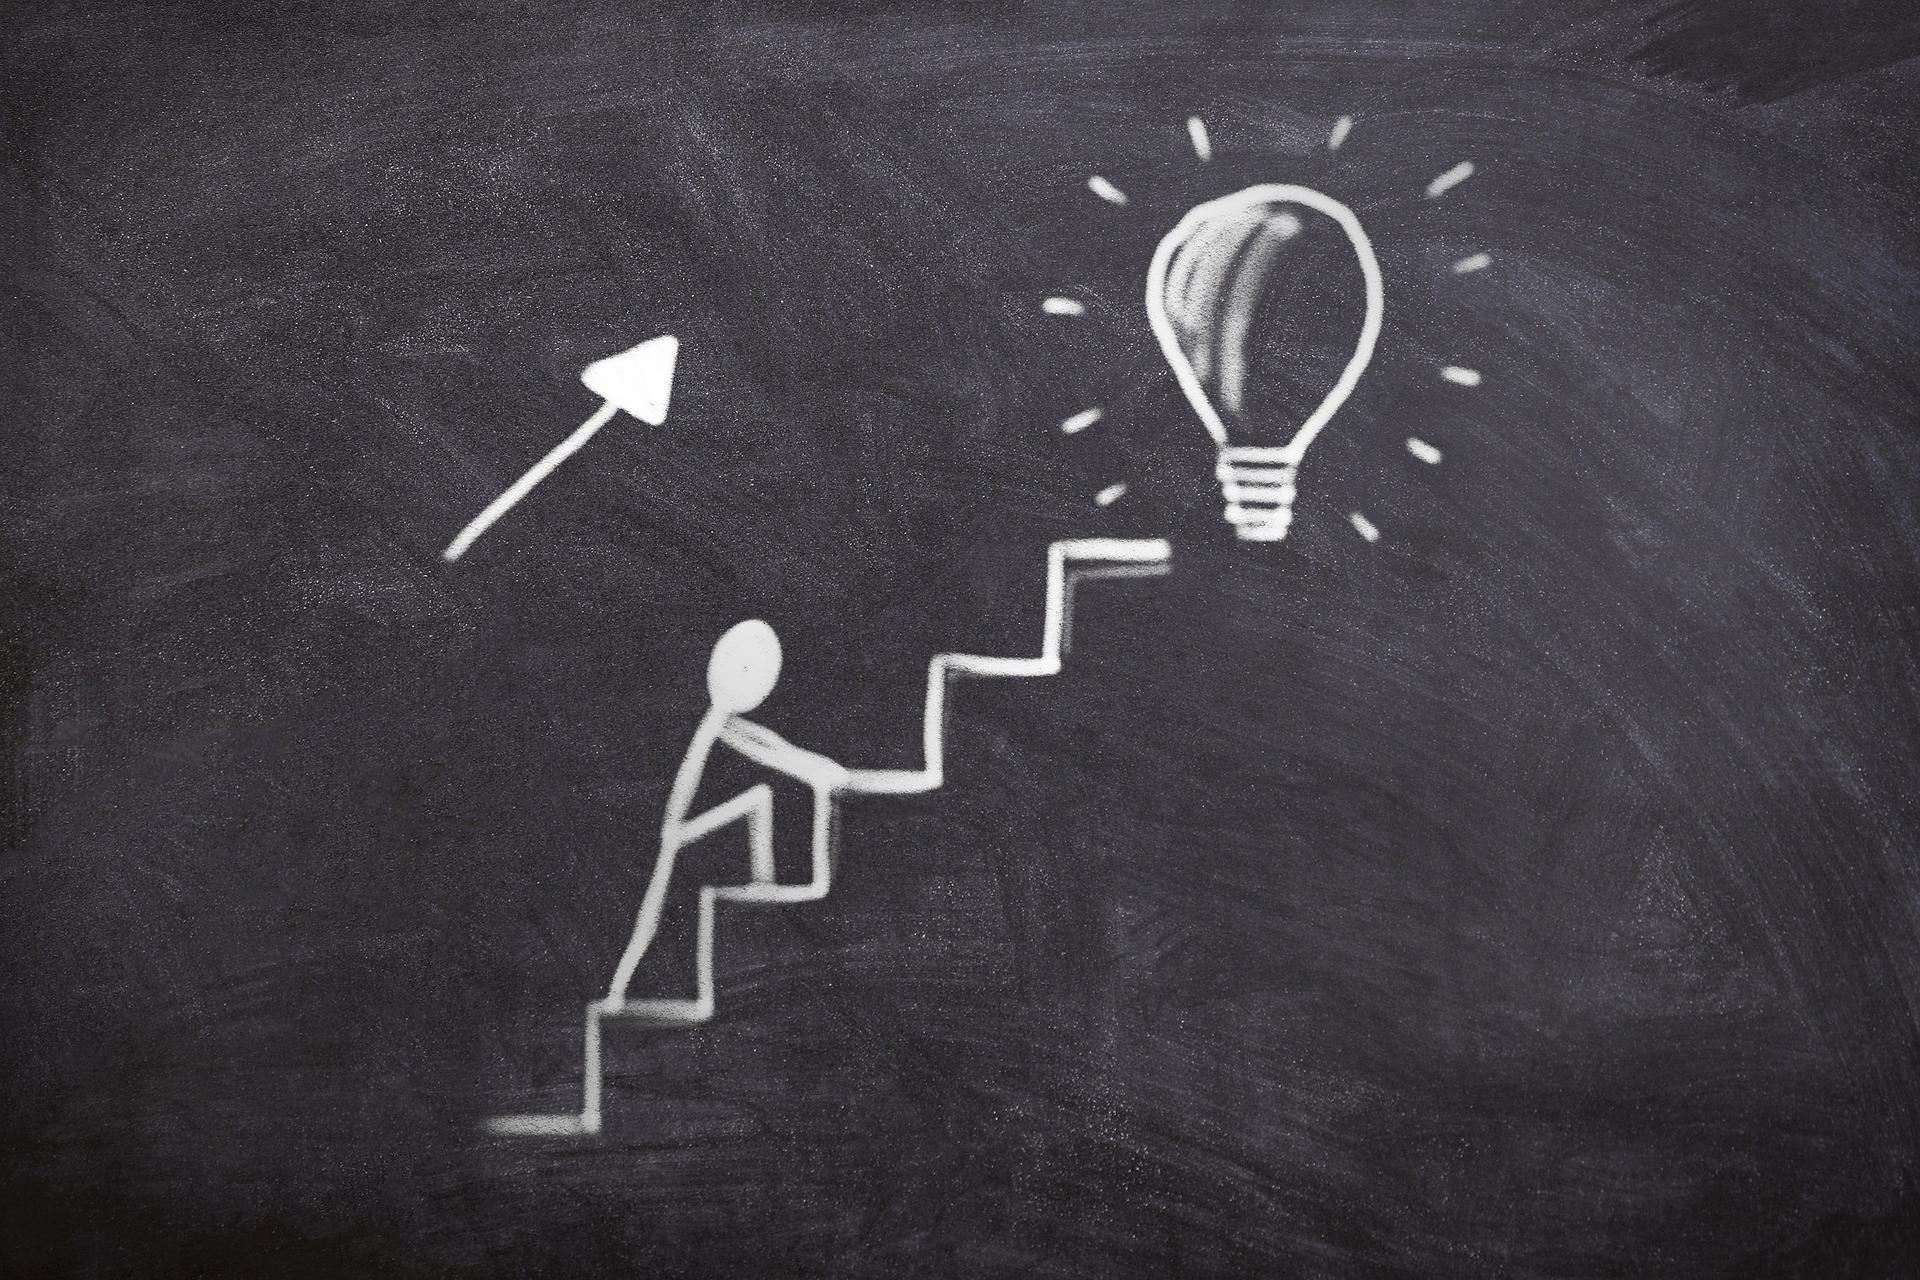 転職エージェント利用の流れ(6ステップ)